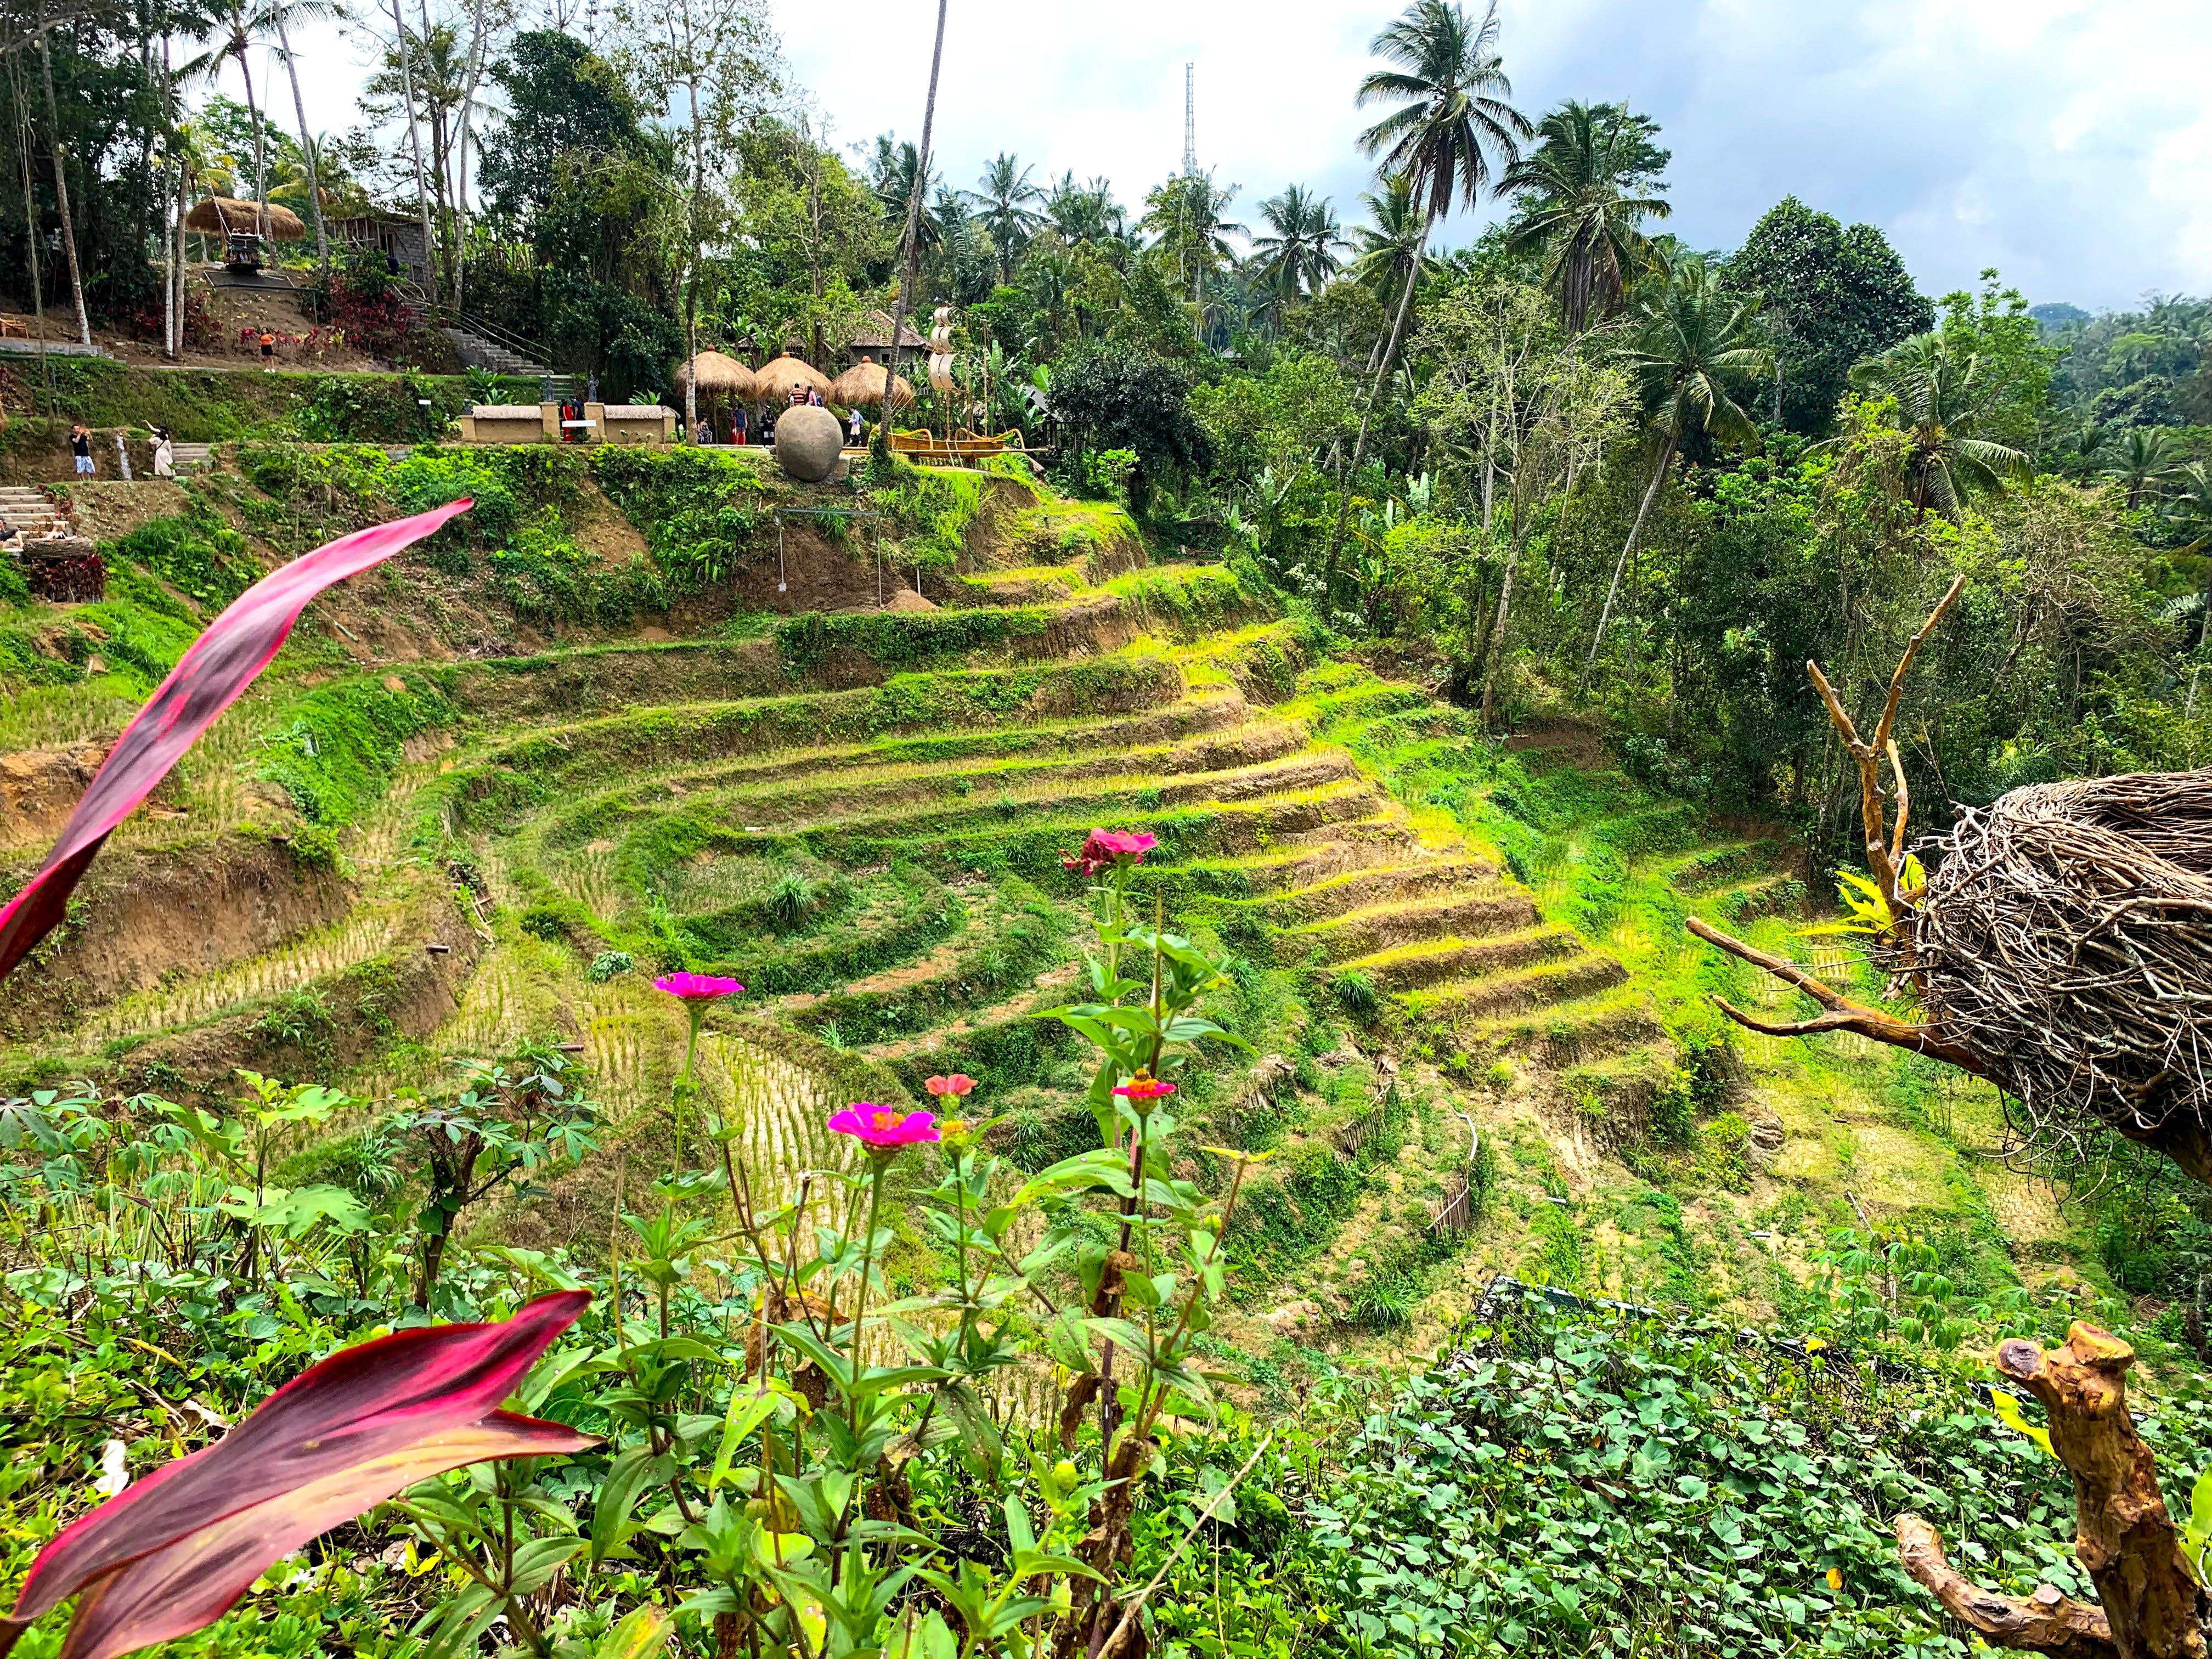 Les rizières de Tegallalang à Bali